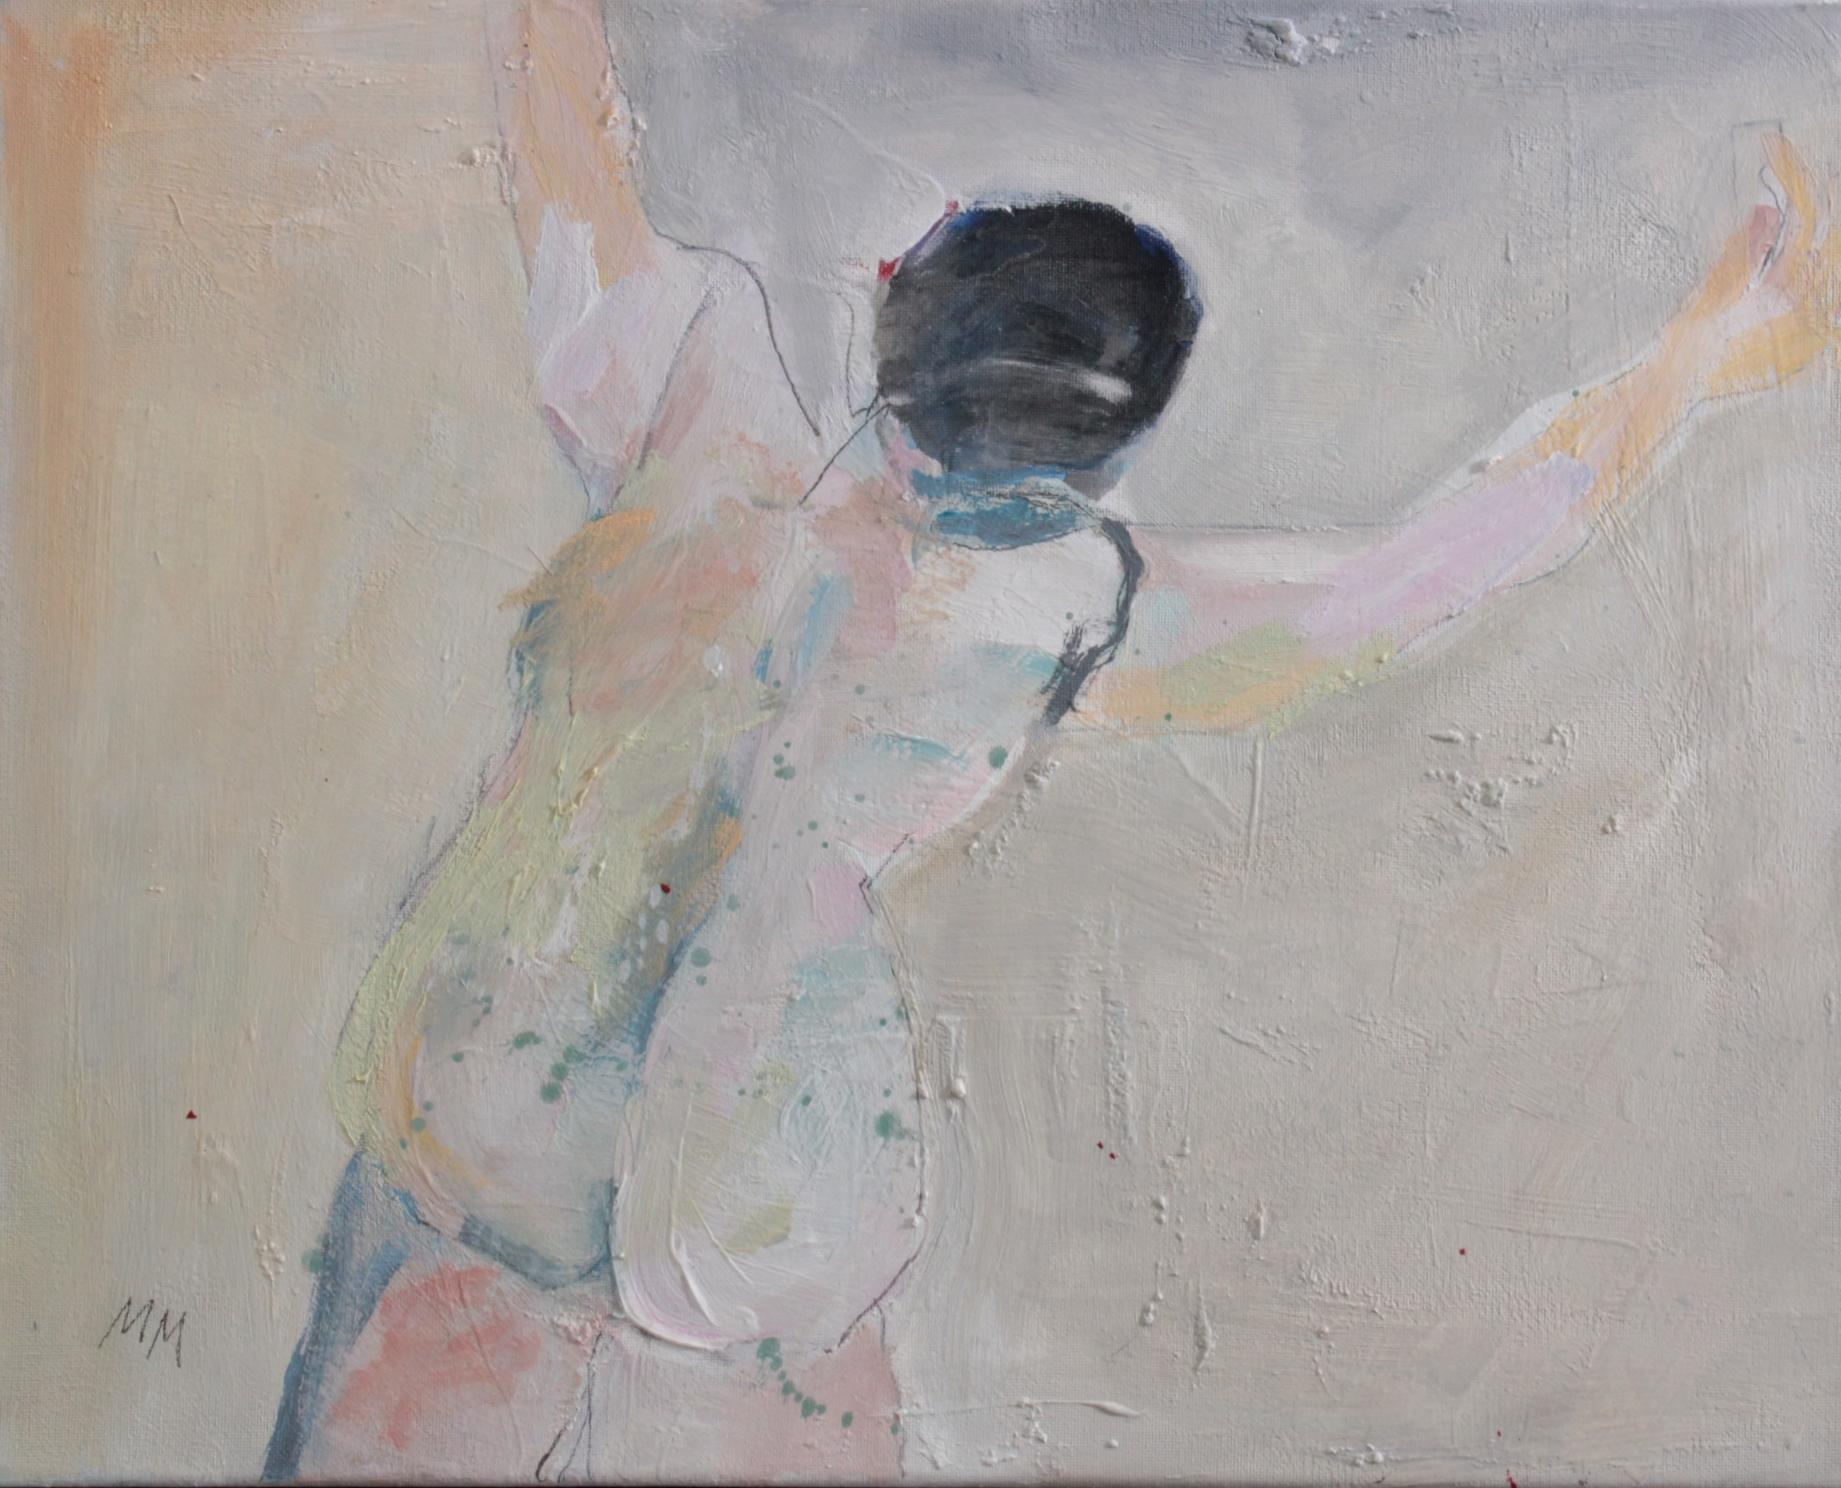 Marianne Merz. Voll Freude I